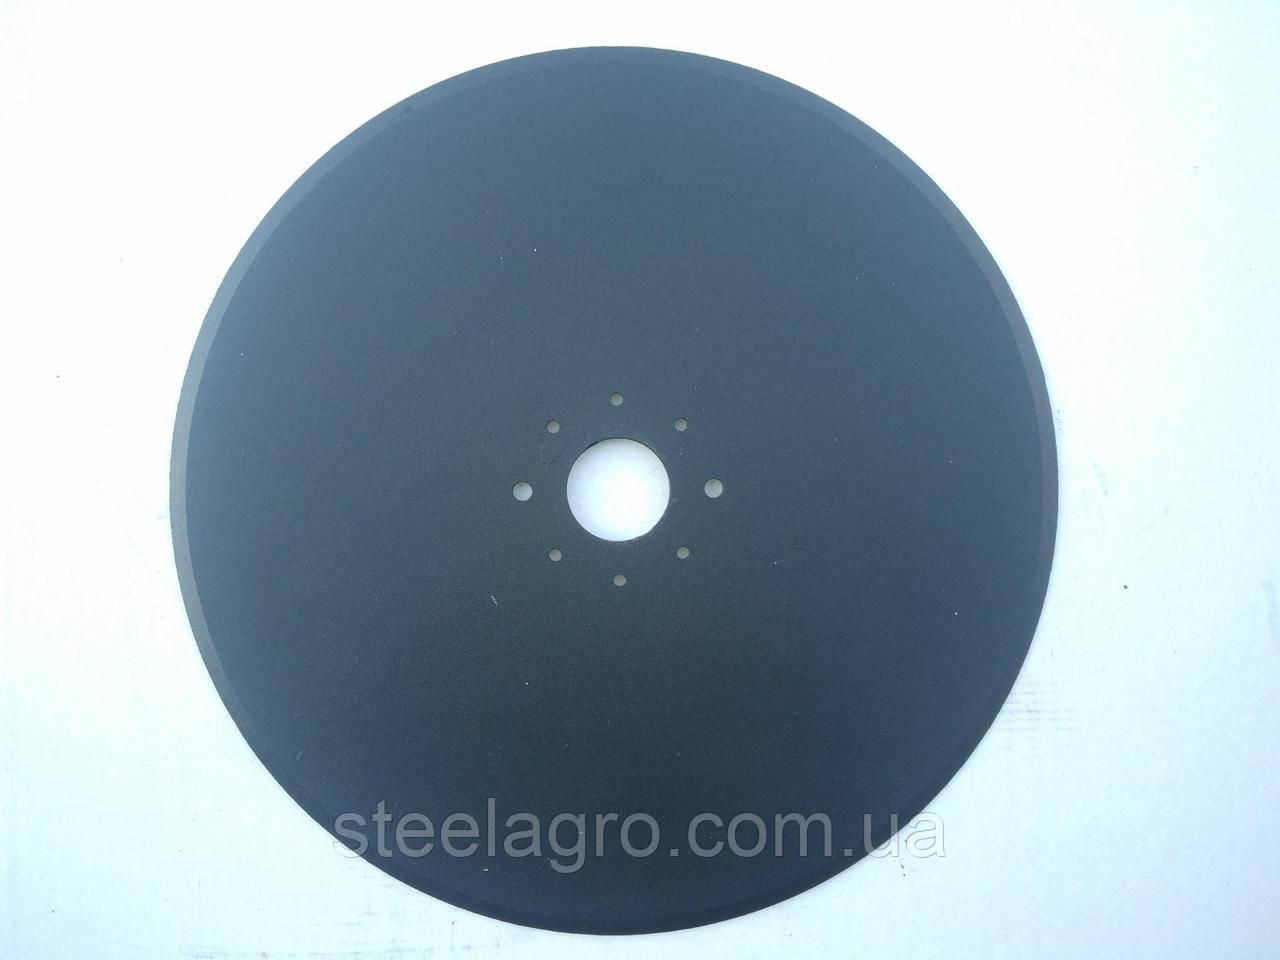 Диск сошника сівалки Horsch 343х3мм, ф40мм 6 отв. (00310106)